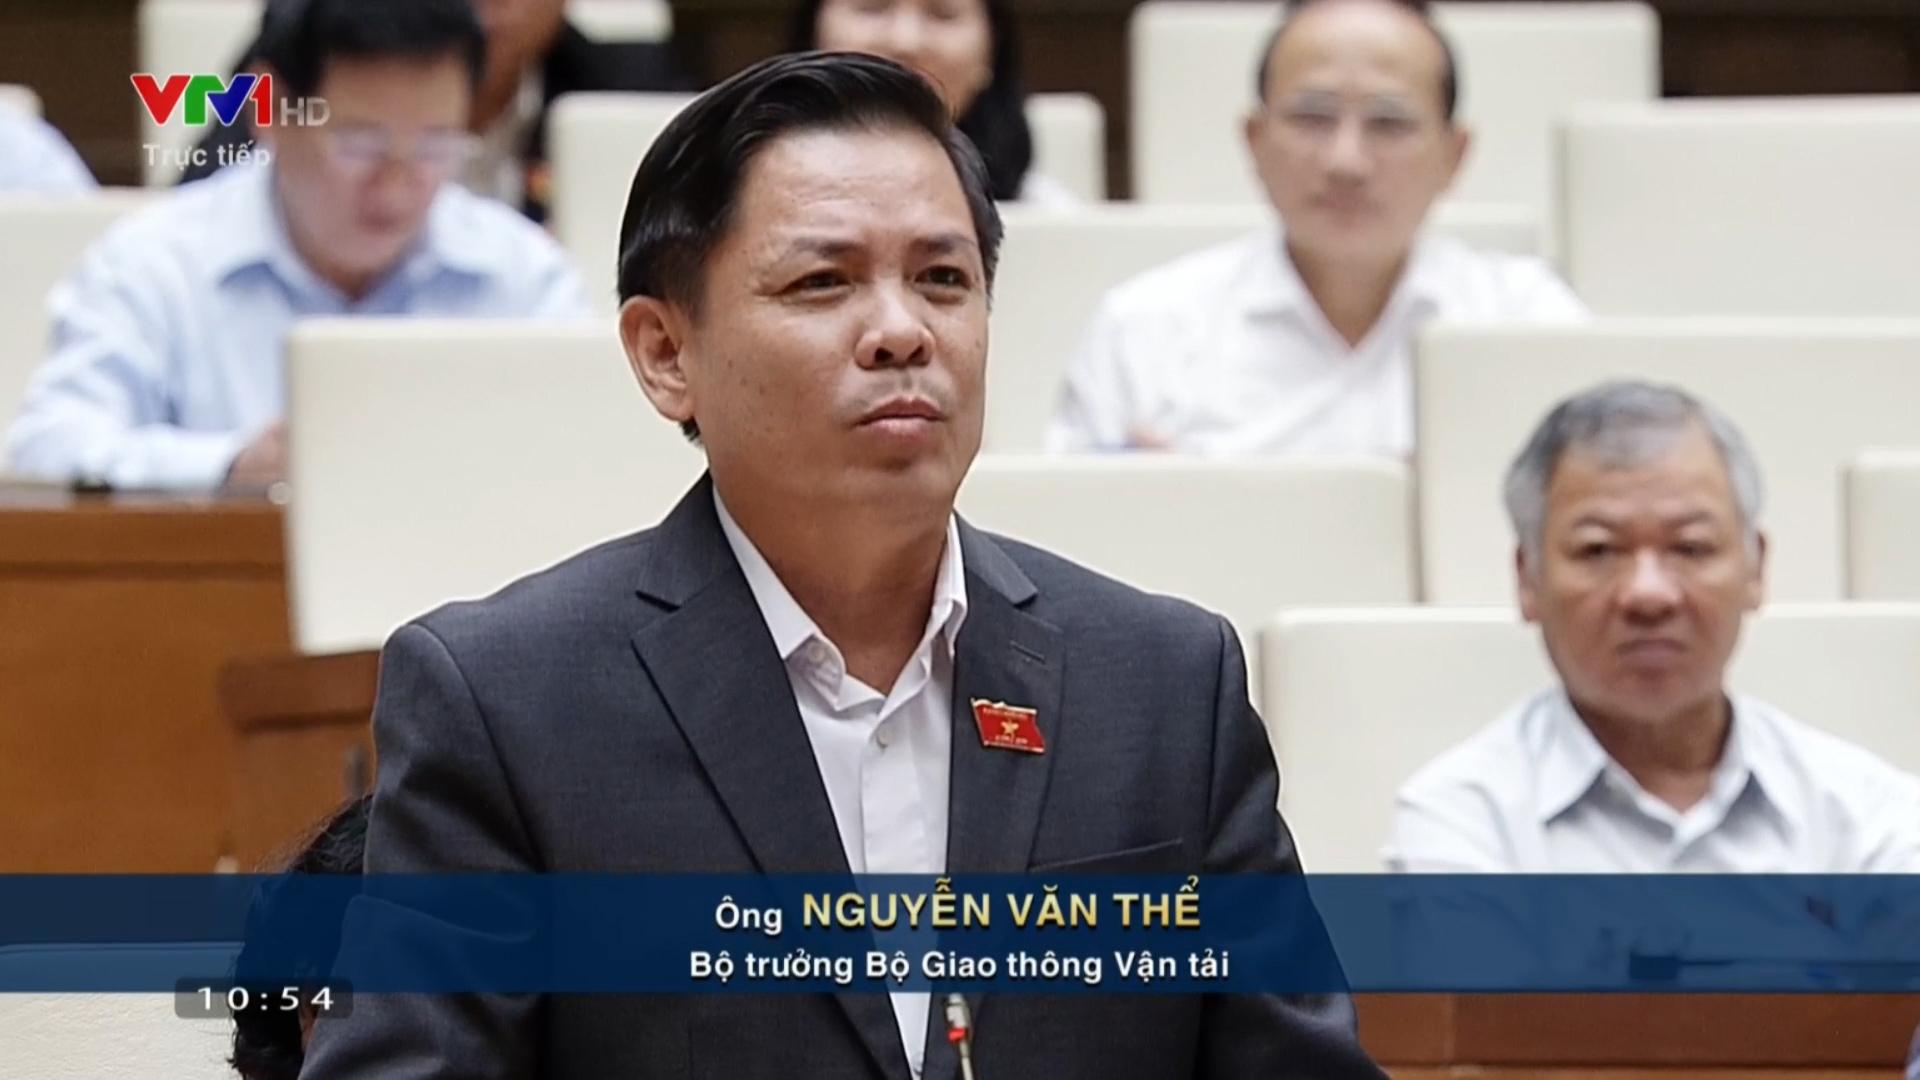 Bộ trưởng Bộ Giao thông Nguyễn Văn Thể